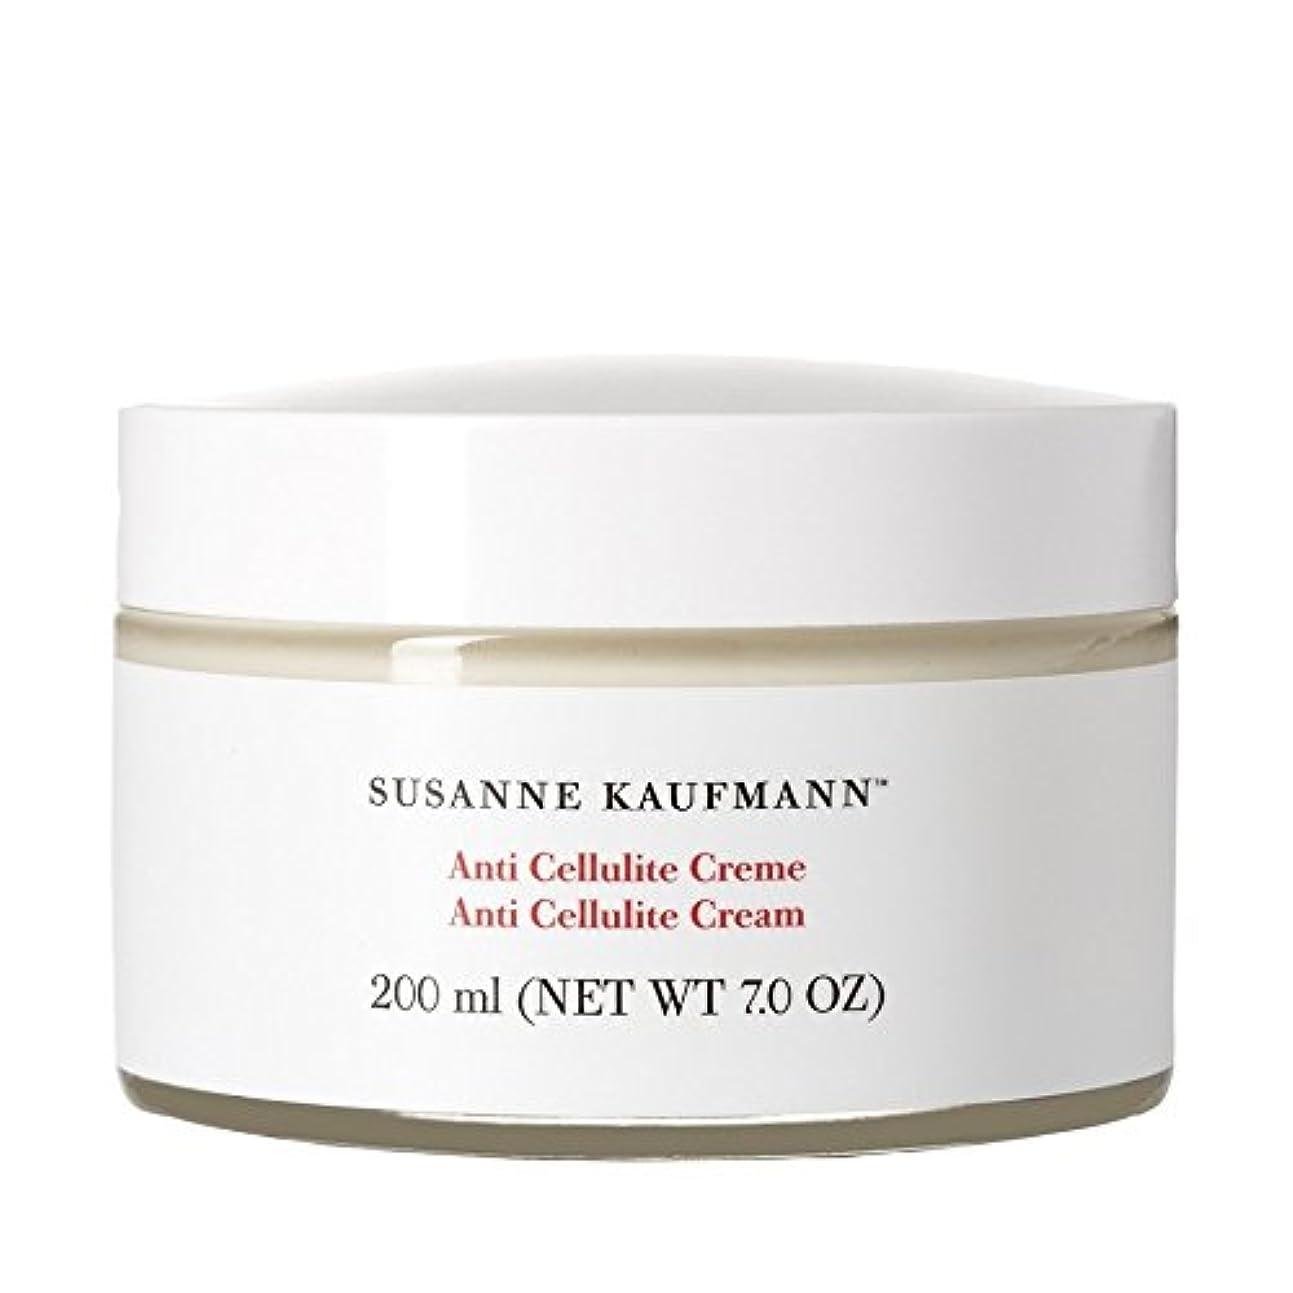 水没合唱団伴うスザンヌカウフマン抗セルライトクリーム200ミリリットル x2 - Susanne Kaufmann Anti Cellulite Cream 200ml (Pack of 2) [並行輸入品]